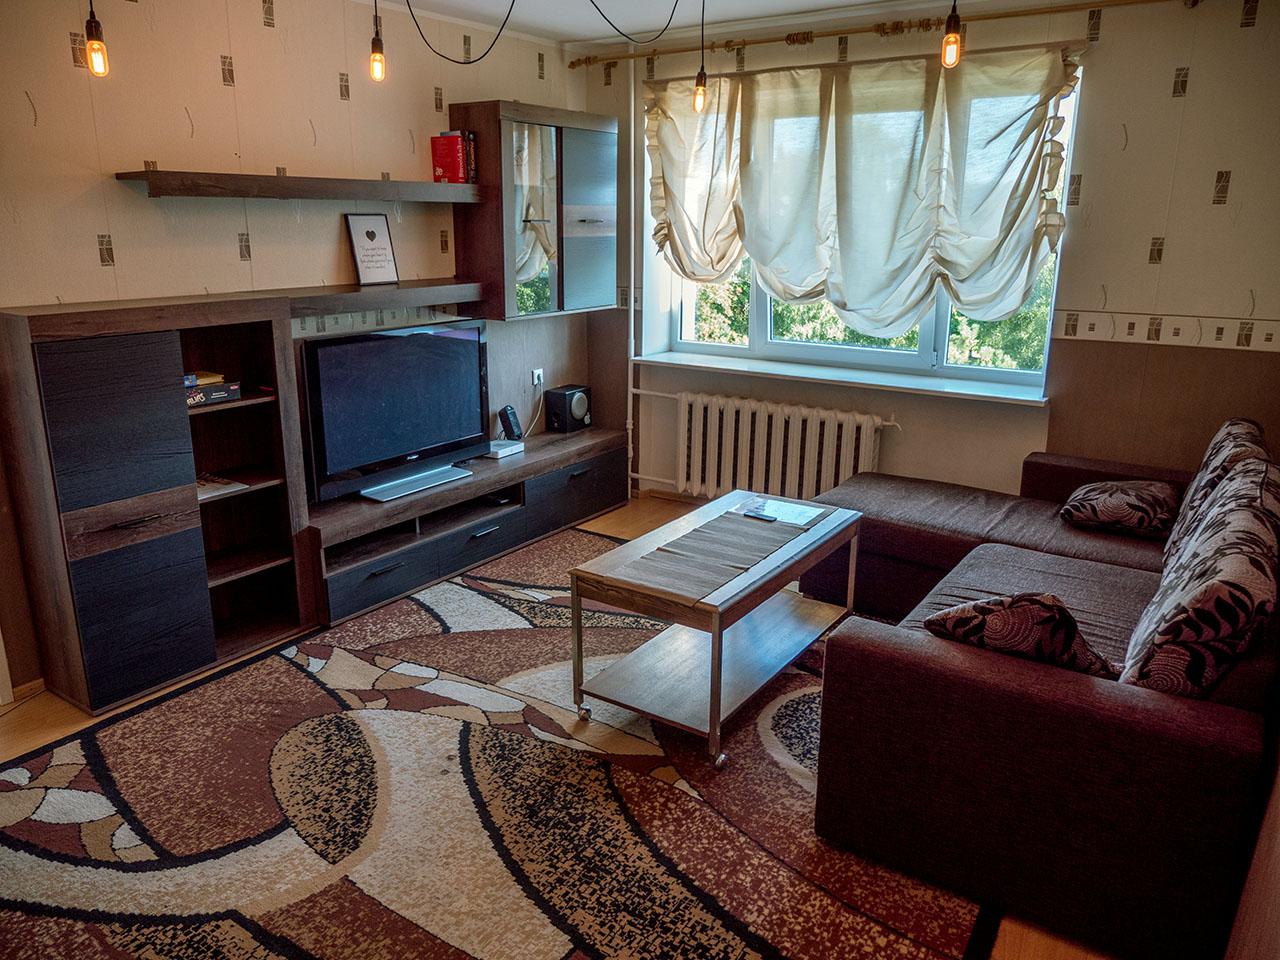 4 room apartment